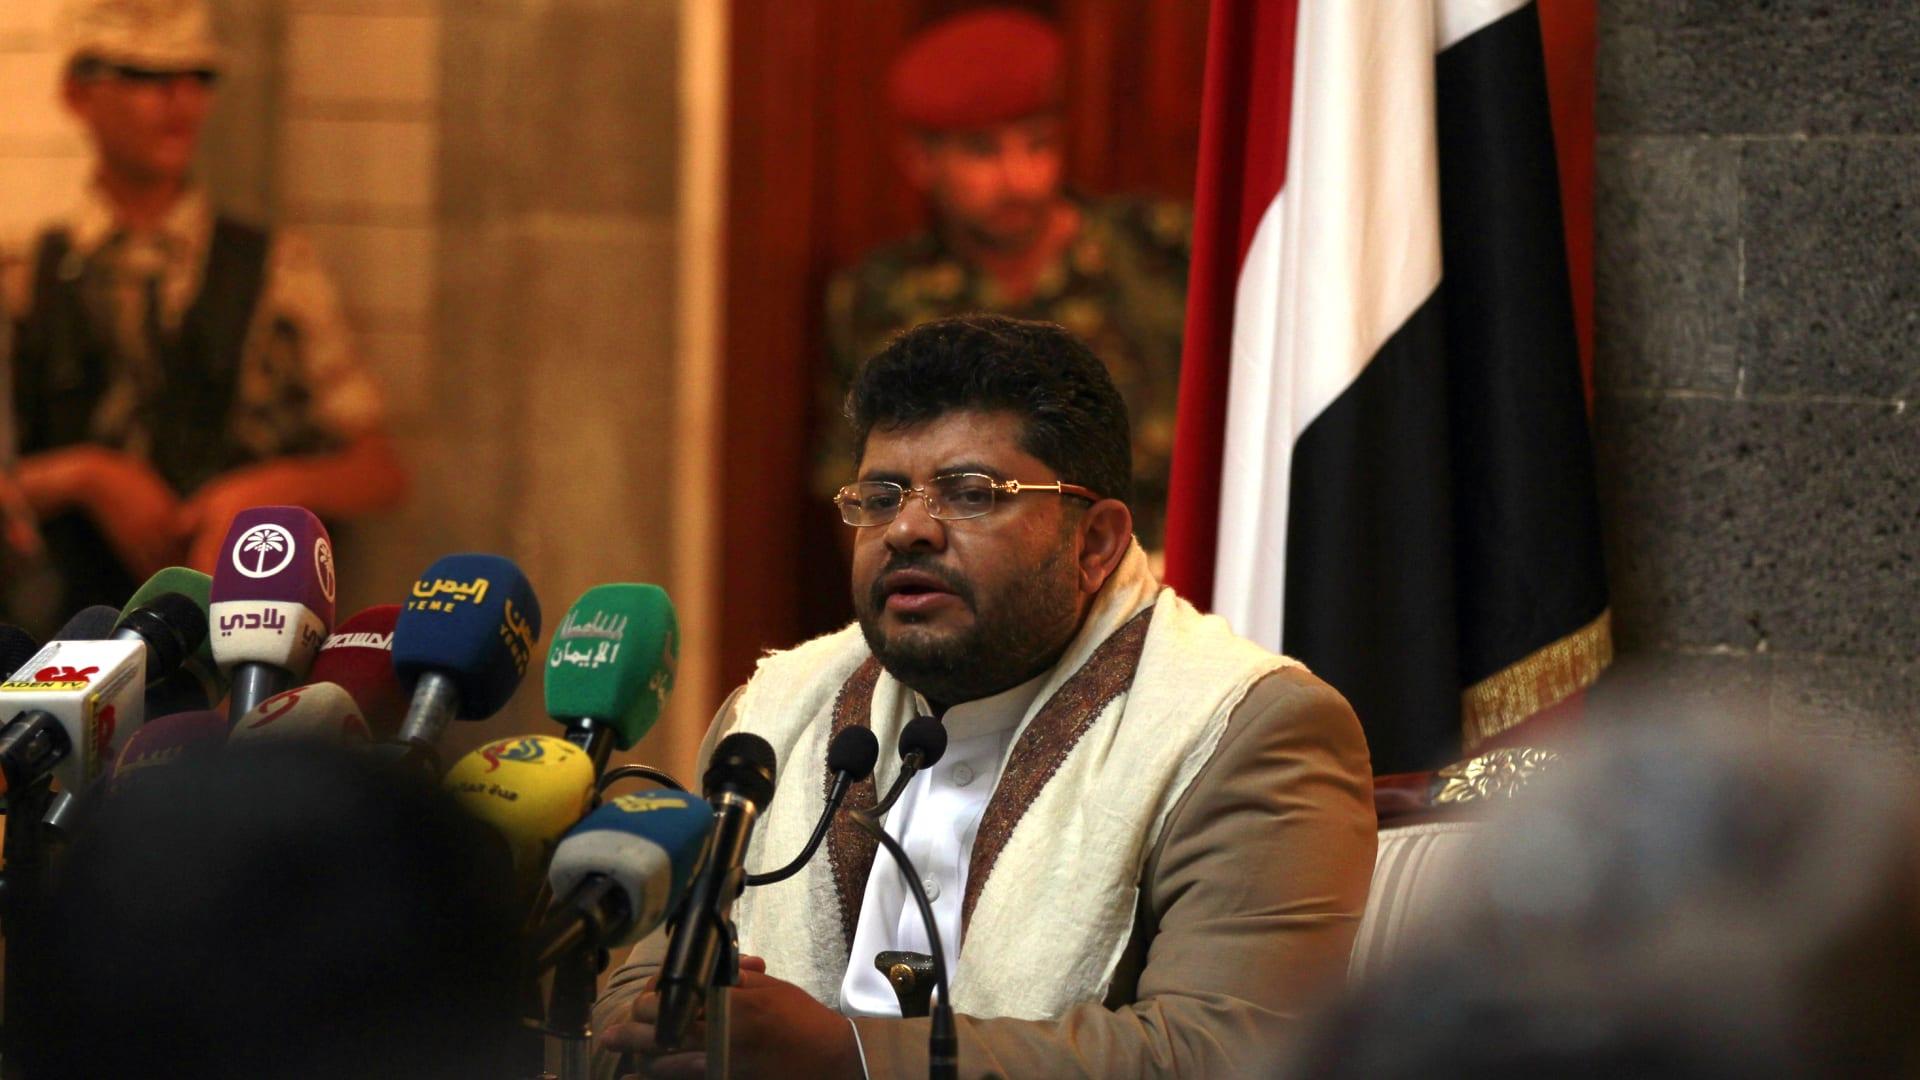 CNN الحوثيون يشككون في تحرك الولايات المتحدة لوقف دعم السعودية في حرب اليمن